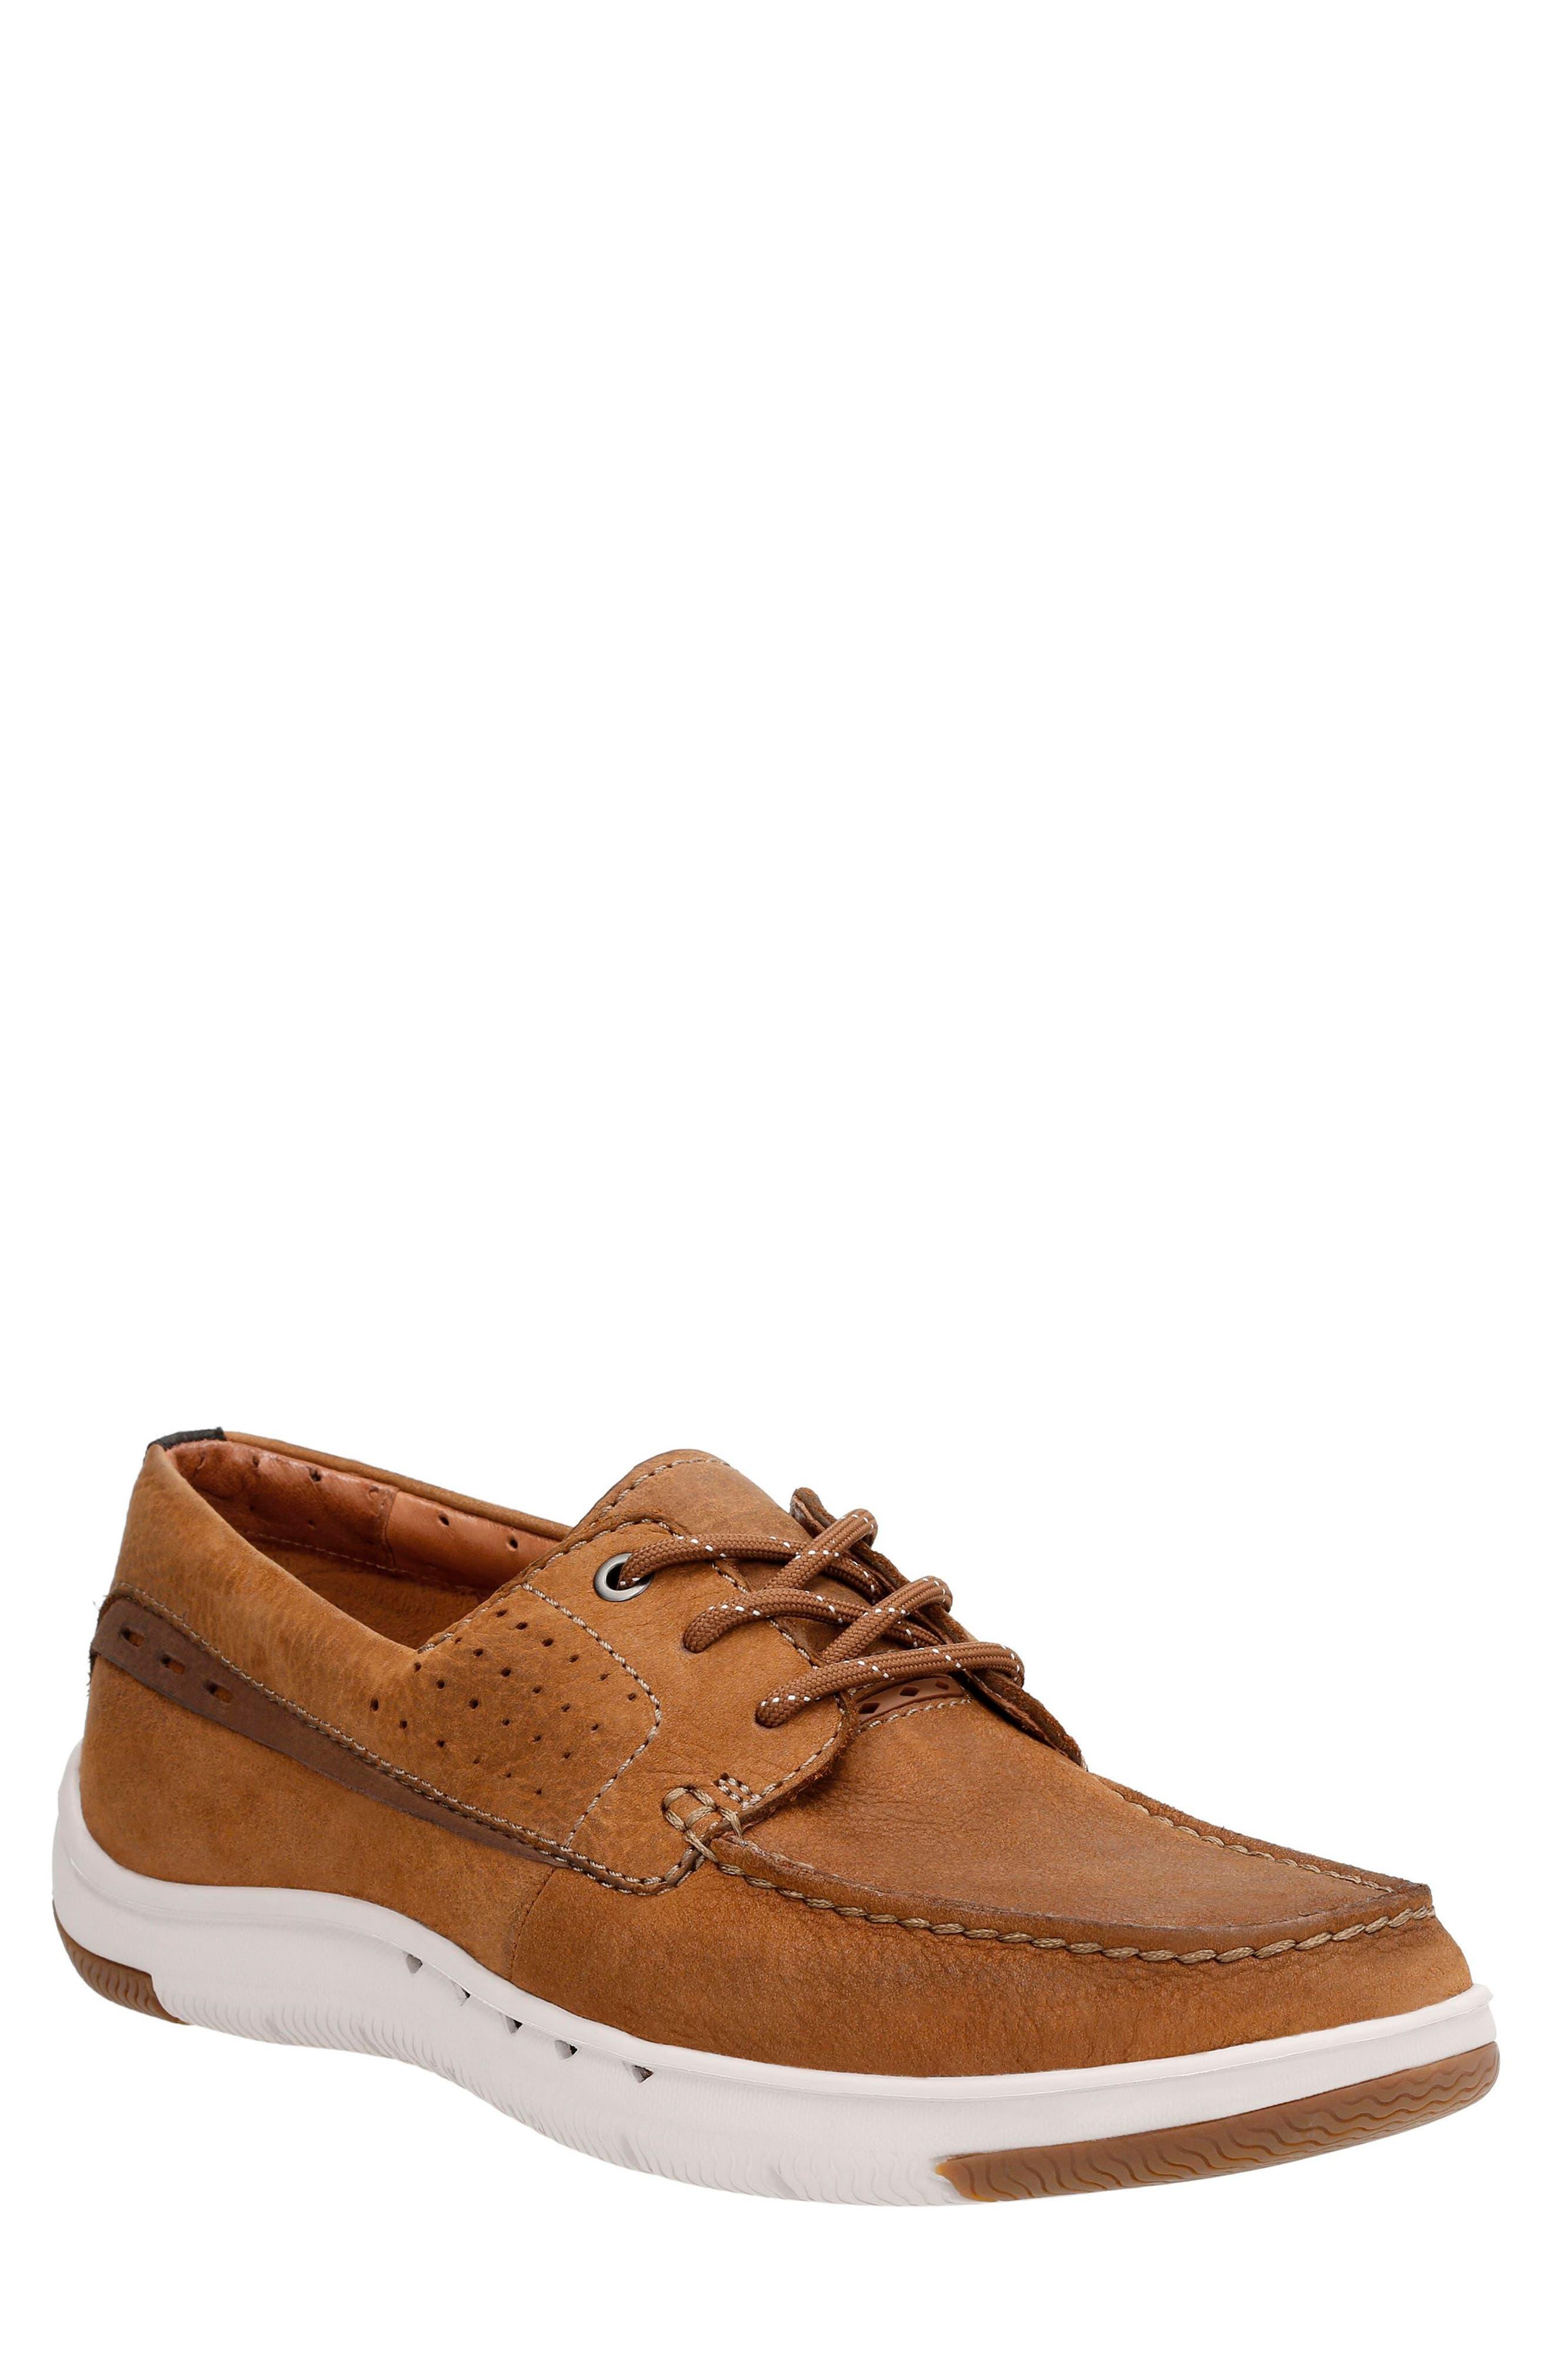 Un.Maslow Sneaker,                             Main thumbnail 1, color,                             200